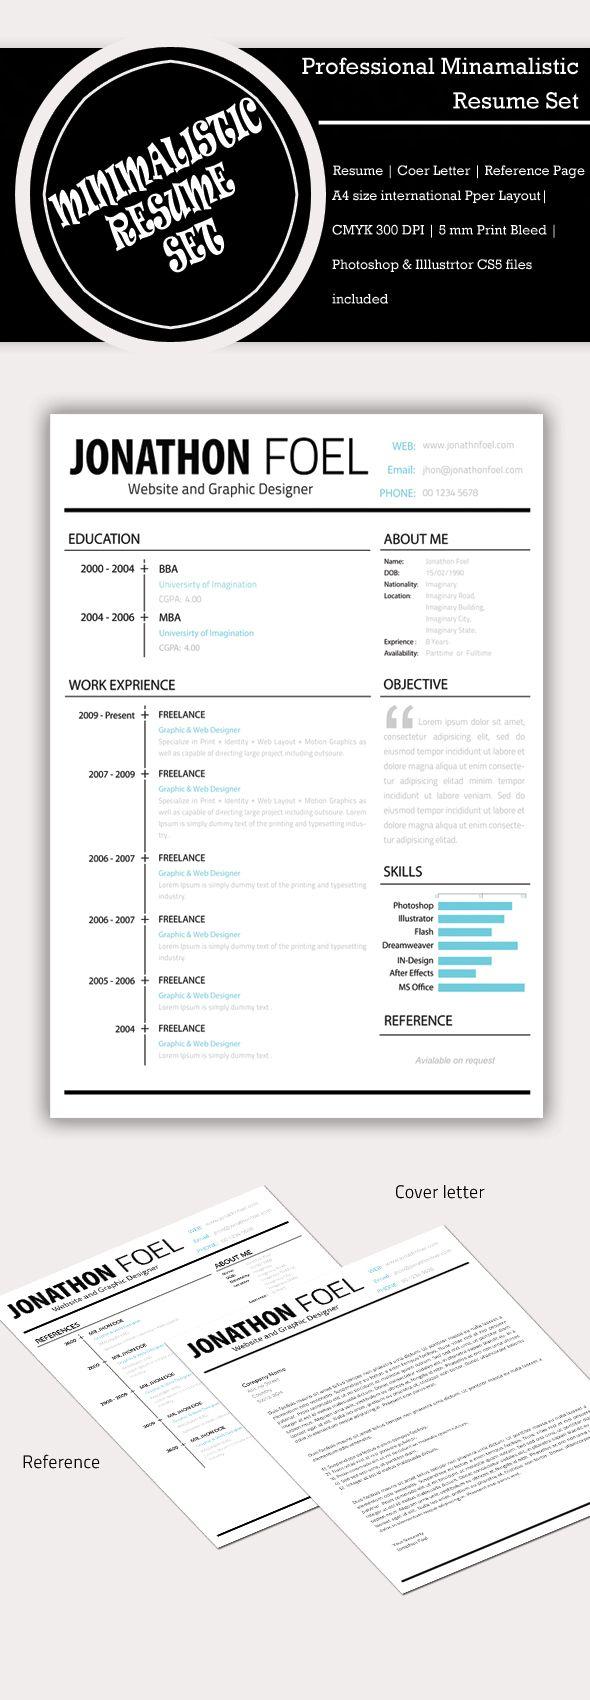 Mejores 9 imágenes de Plantillas de Curriculum Vitae | Resume ...